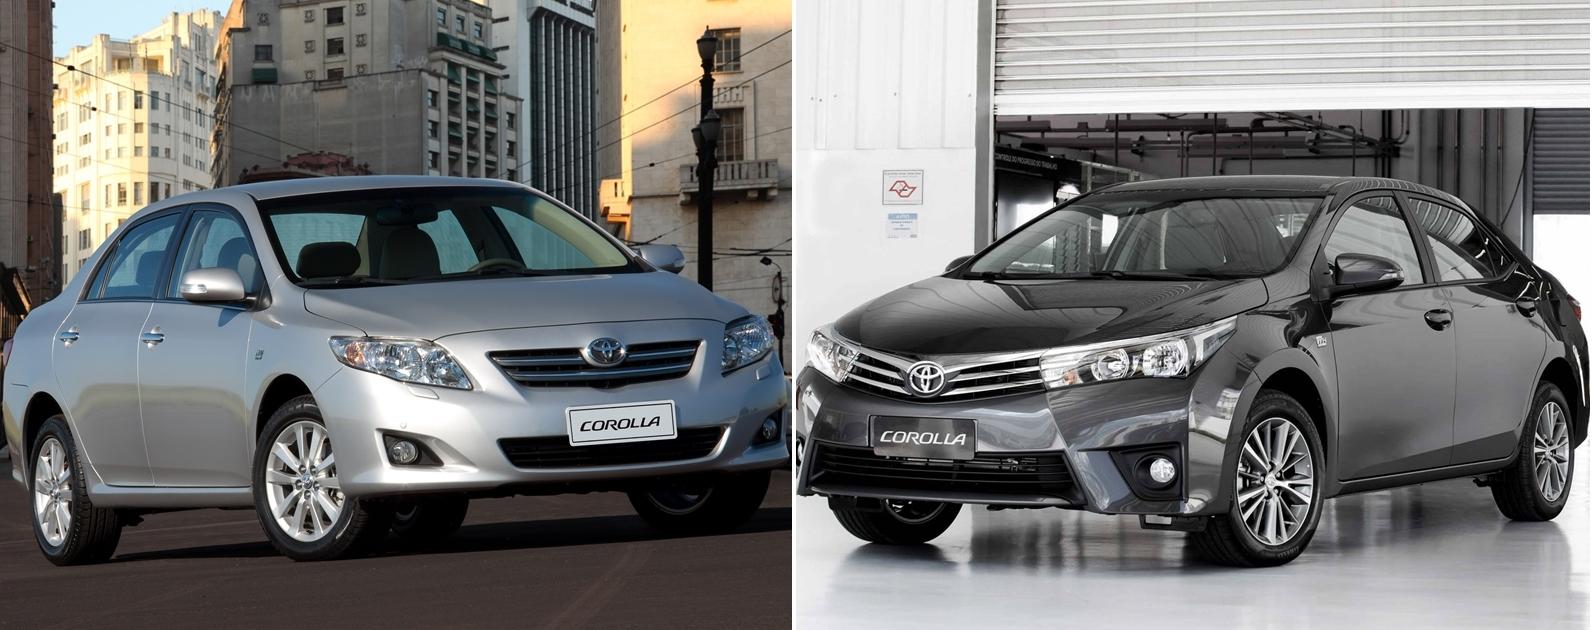 Mesmo com câmbio CVT a nova geração do Corolla é muito mais empolgante